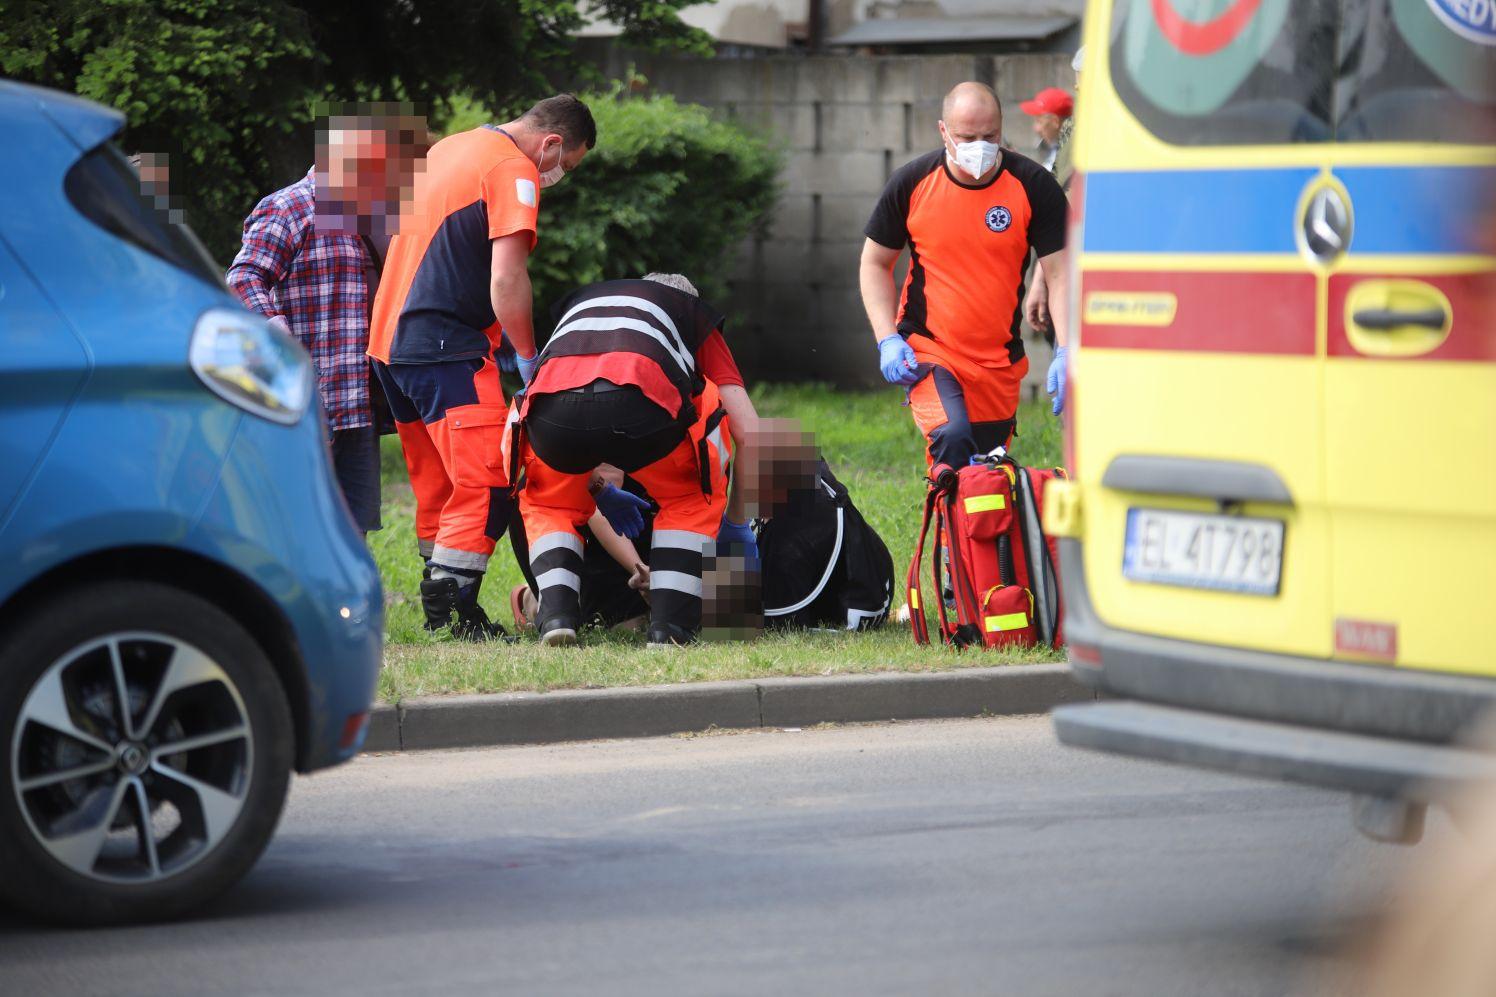 Dziecko potrącone przez samochód niedaleko kutnowskiej targowicy [ZDJĘCIA] - Zdjęcie główne